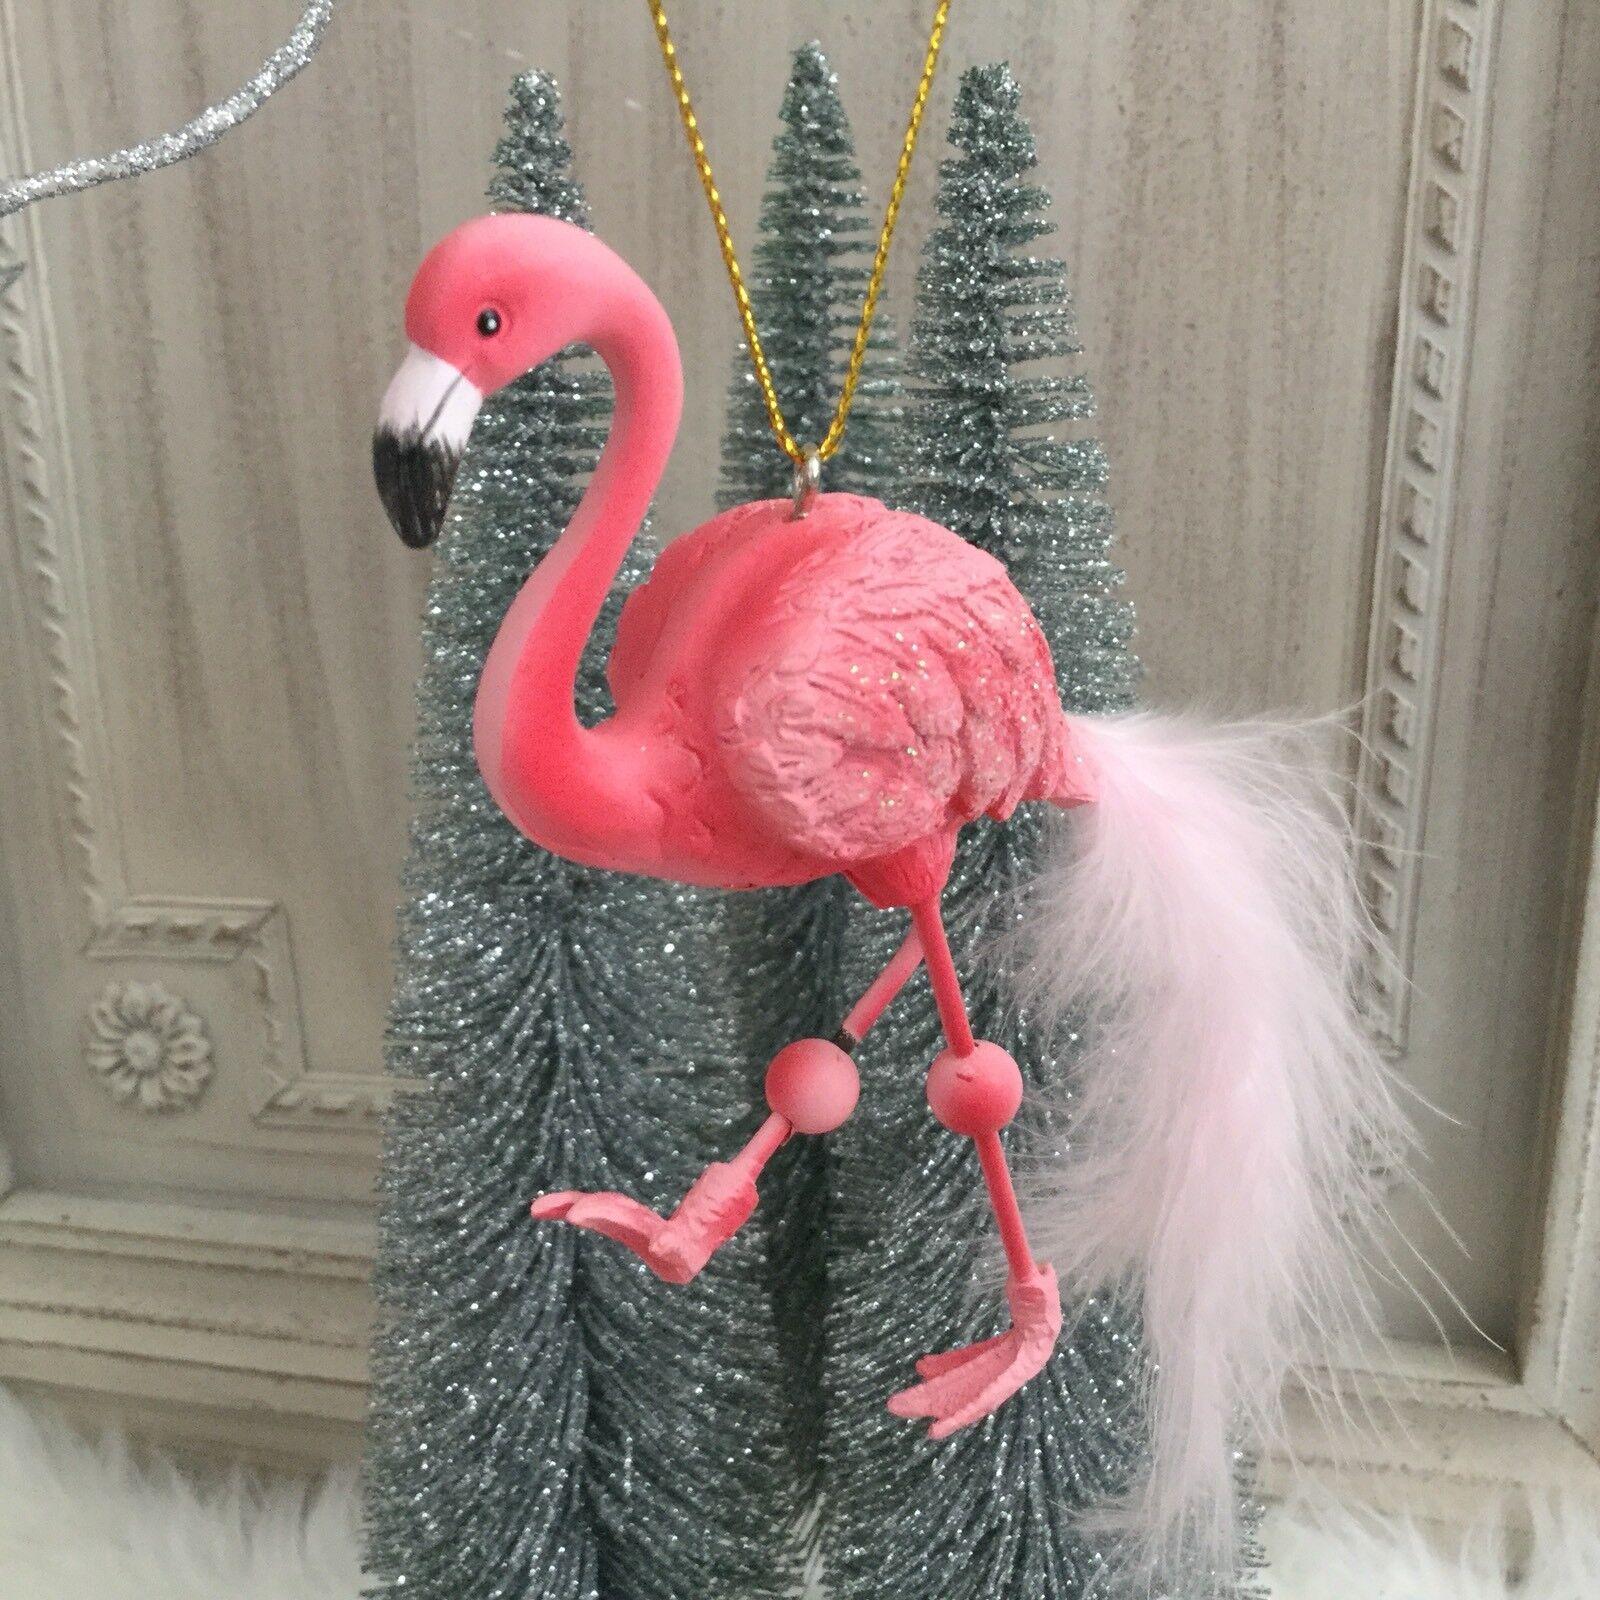 the latest 35773 9e437 Flamingo Hanging Christmas Tree Decoration Pink Feather Gisela Graham  Novelty